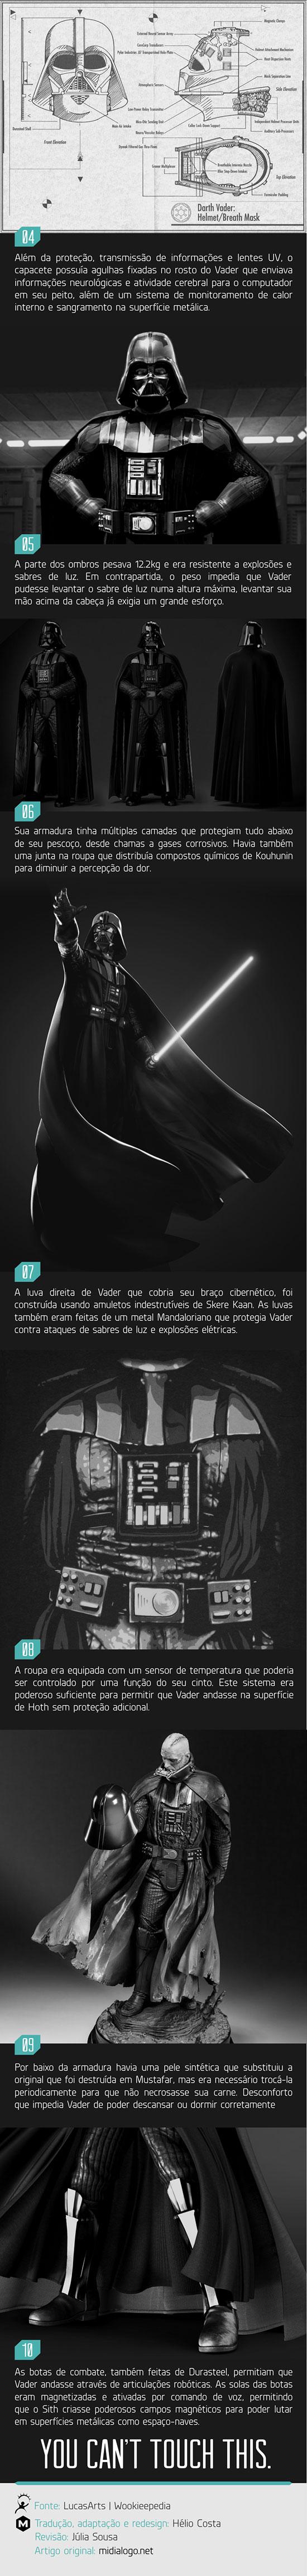 10 coisas que você não sabia sobre a armadura do Darth Vader 02